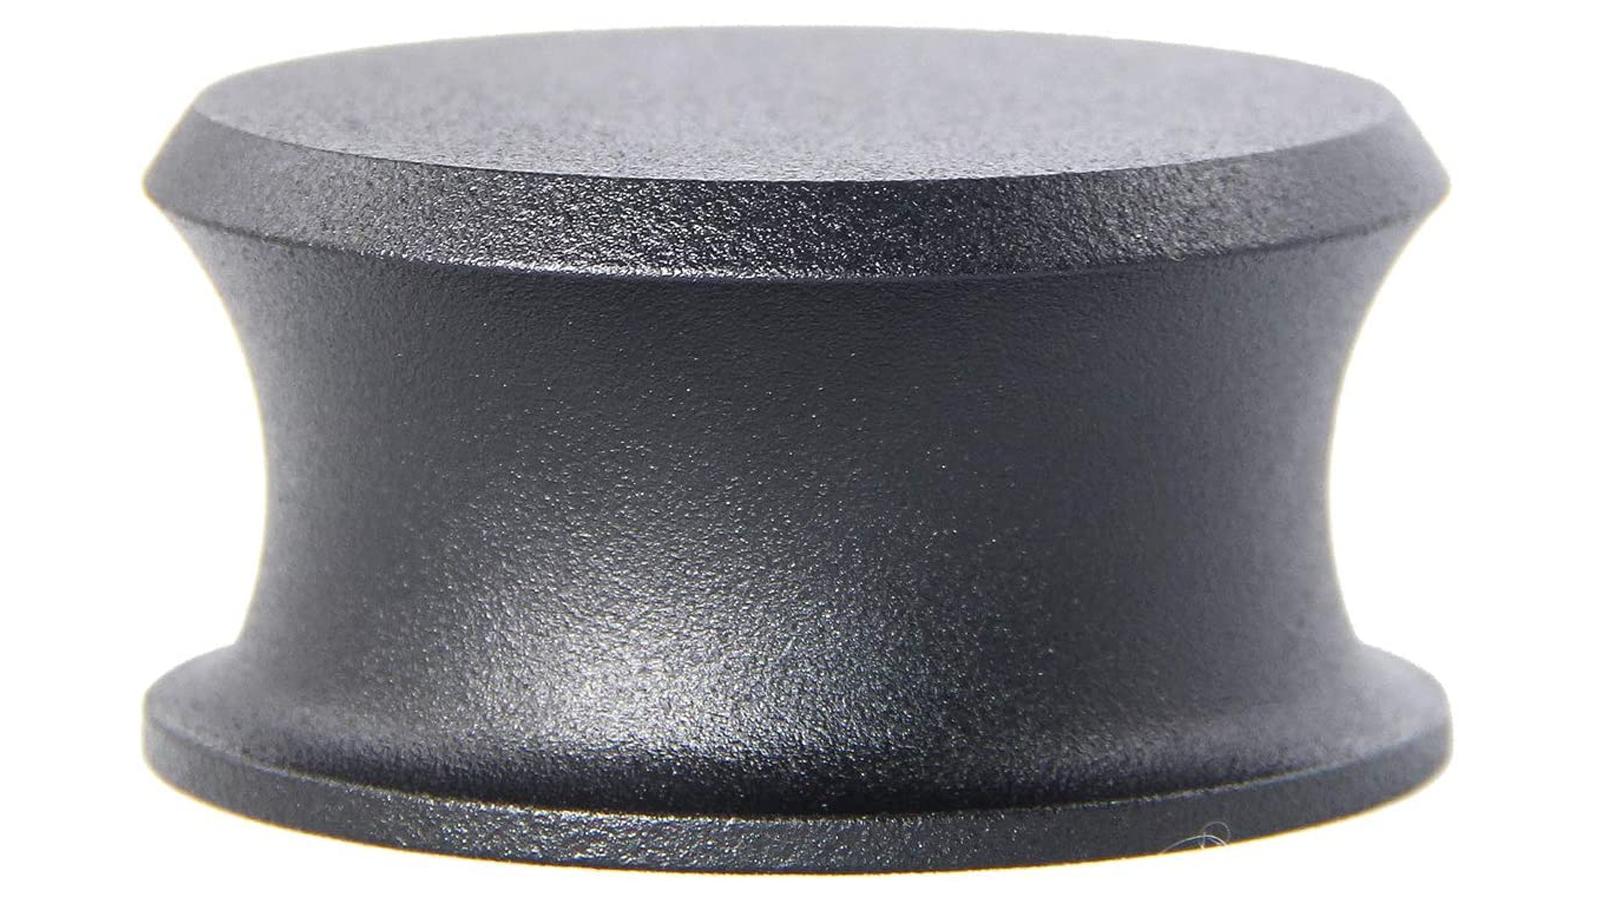 Hudson Hi-fi BigBen turntable weight